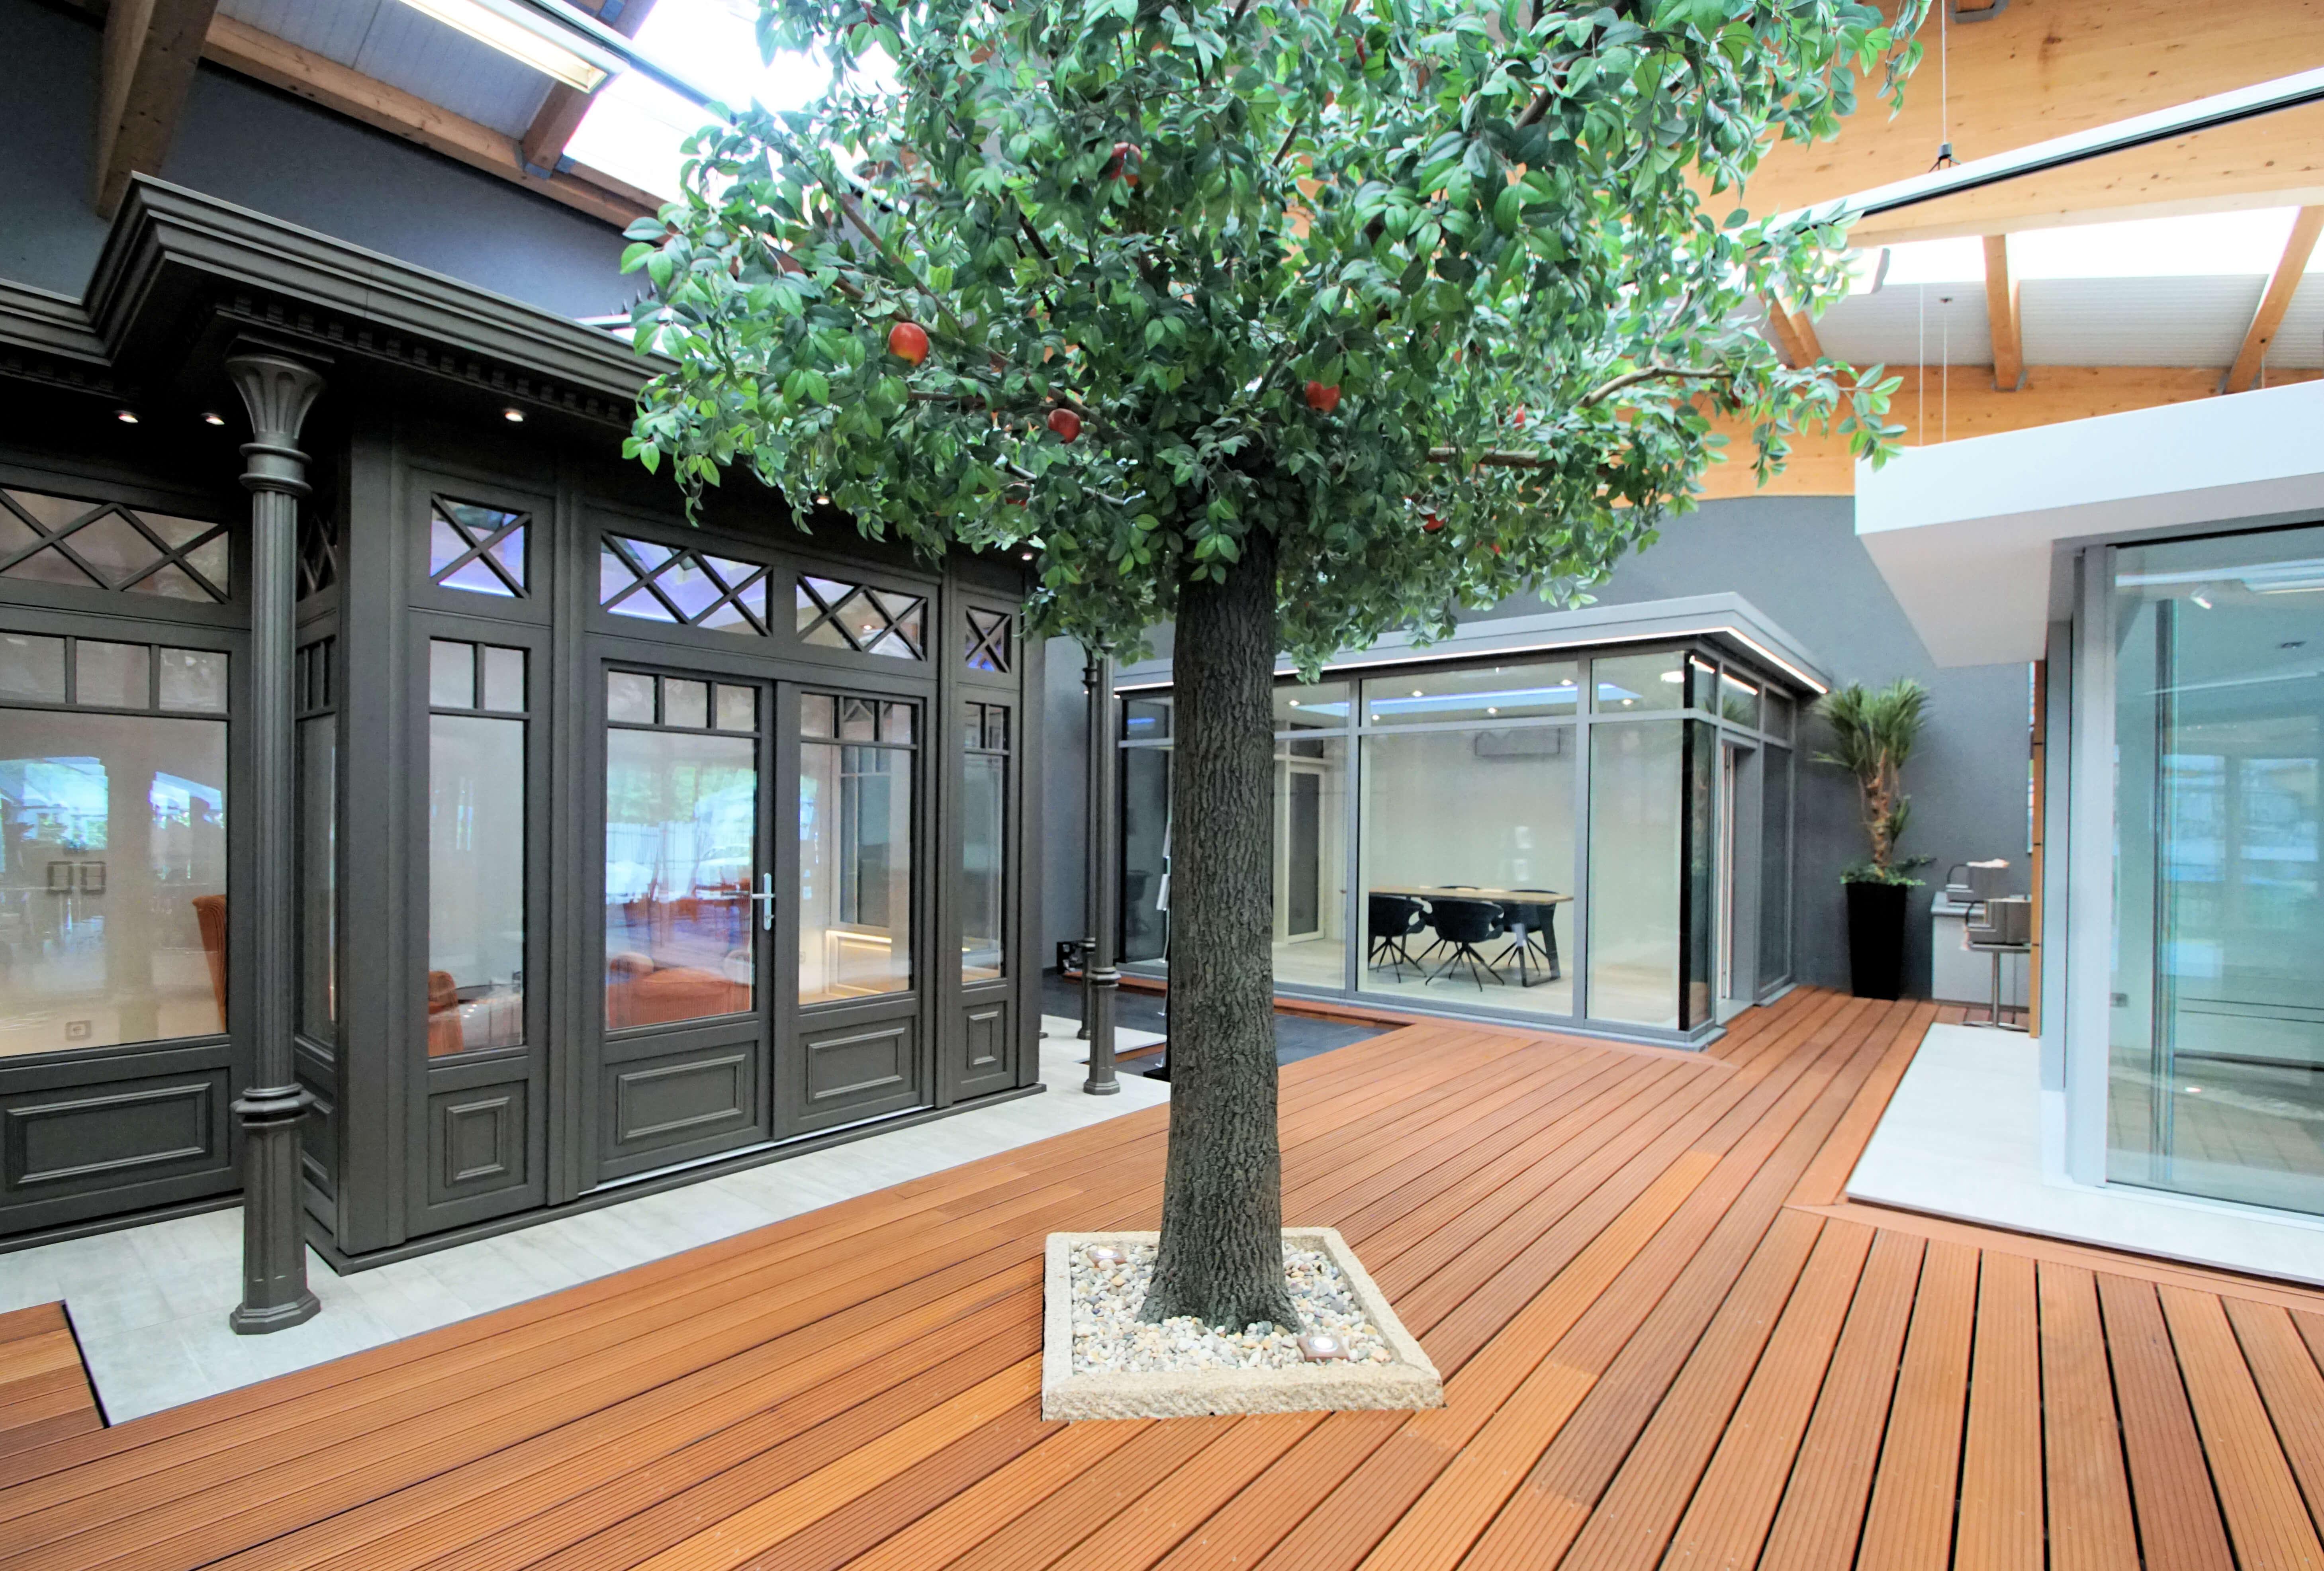 Wintergarten-Hersteller: Wintergarten-Ausstellung